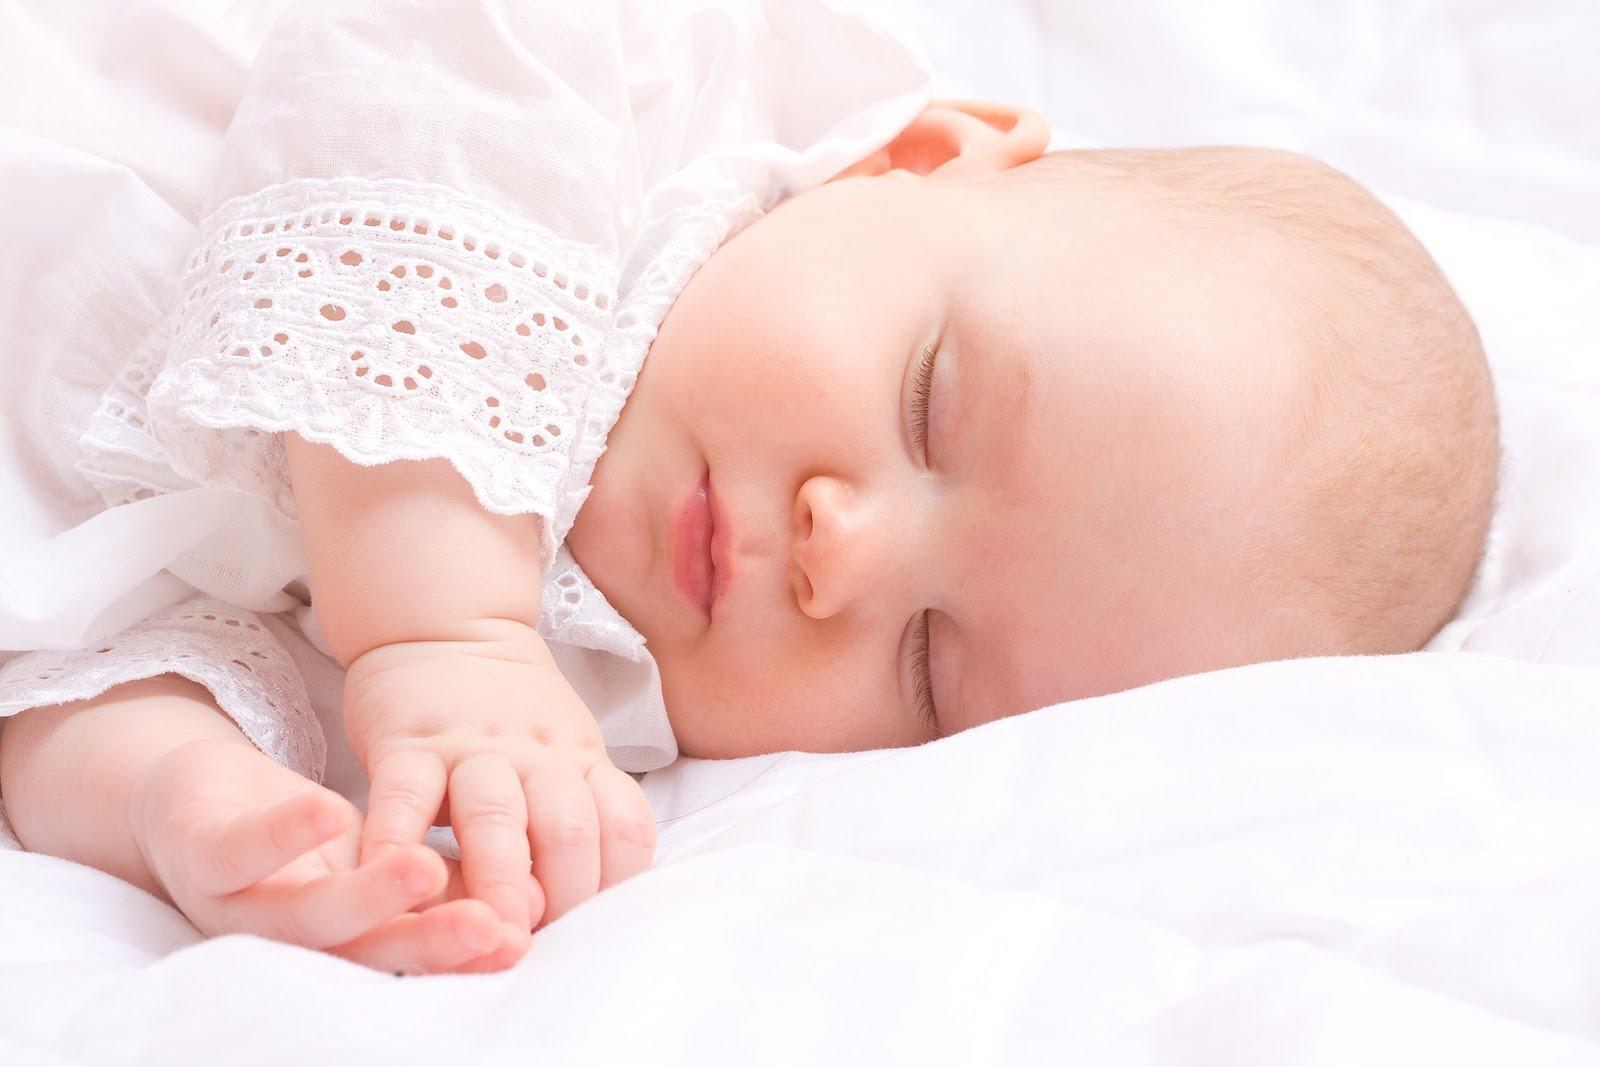 Mẹ nên tập cho bé ngủ đúng giờ để hình thành thói quen tốt cho sự phát triển